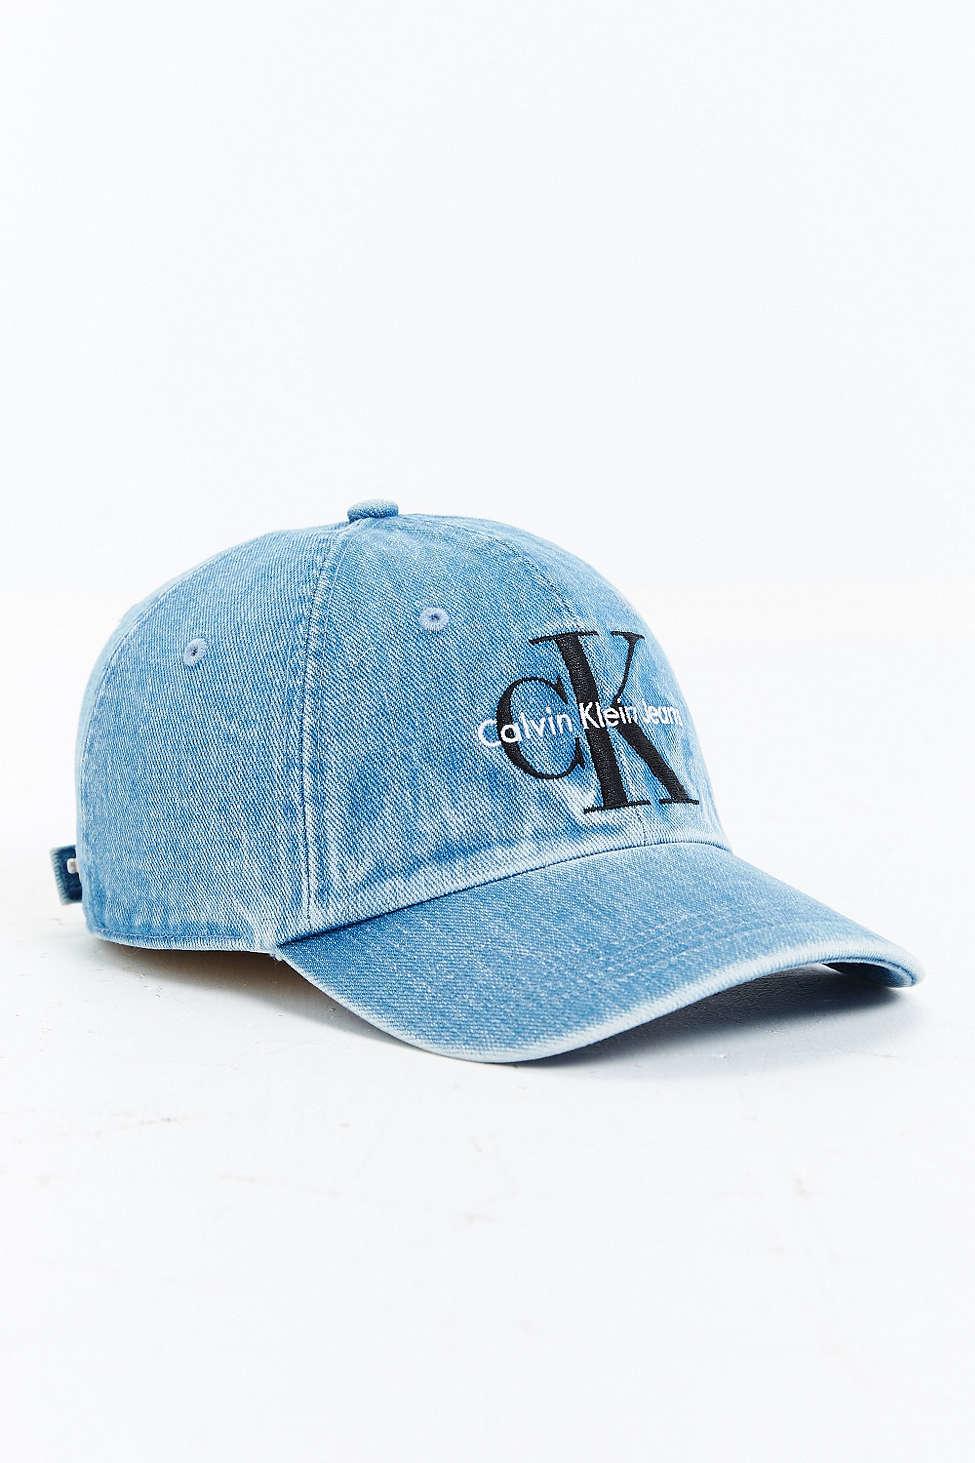 Calvin klein Baseball Denim Cap in Blue for Men | Lyst